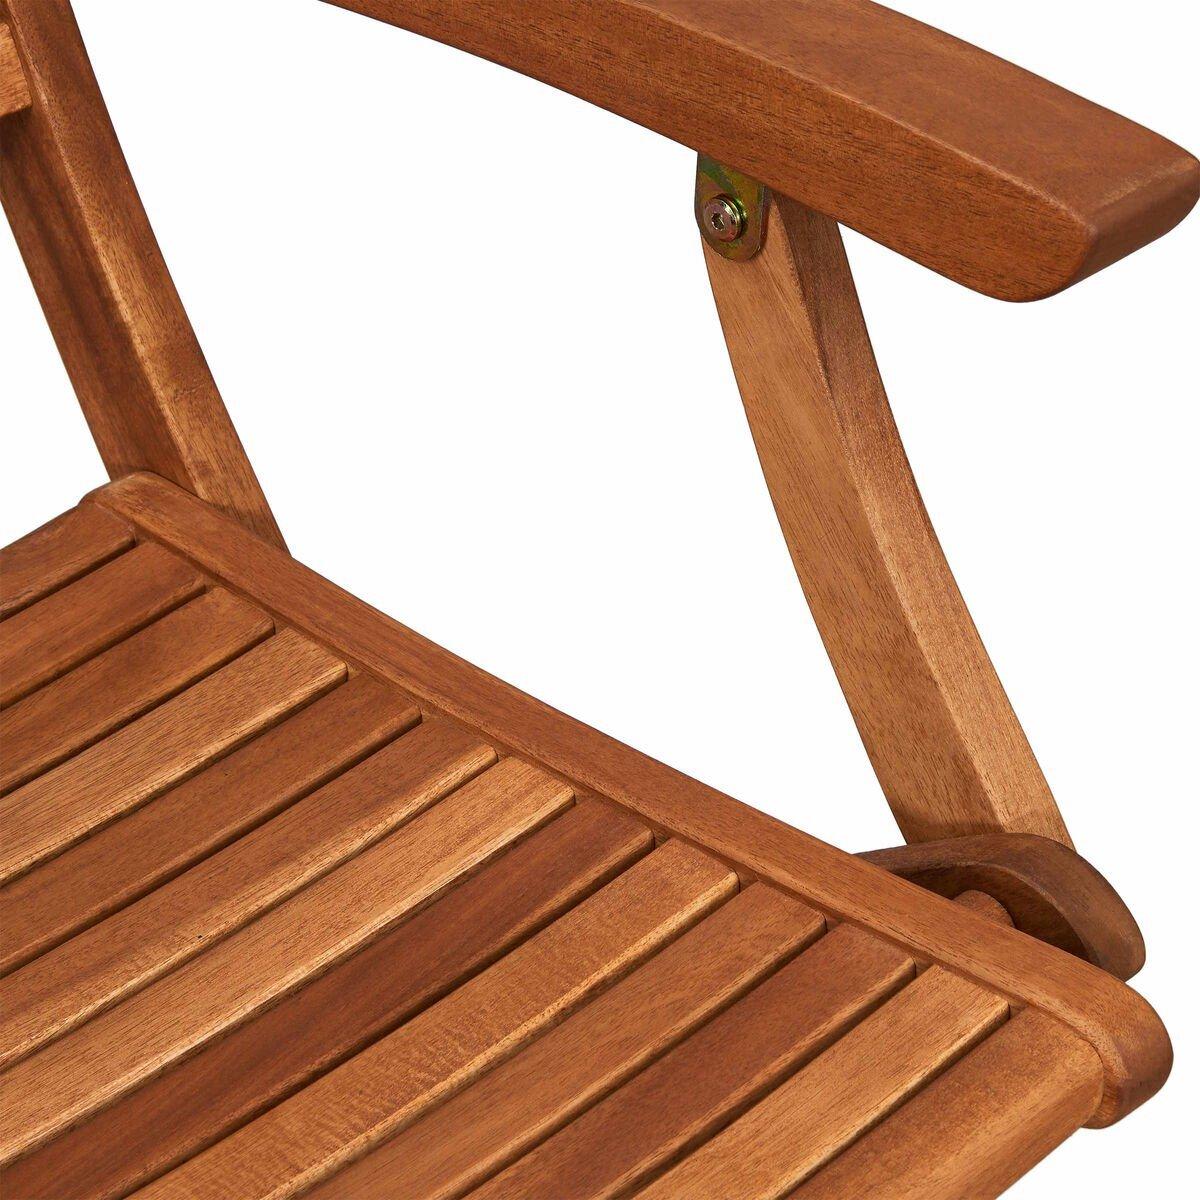 Bild 10 von SOMERSET Stuhl mit Armlehne